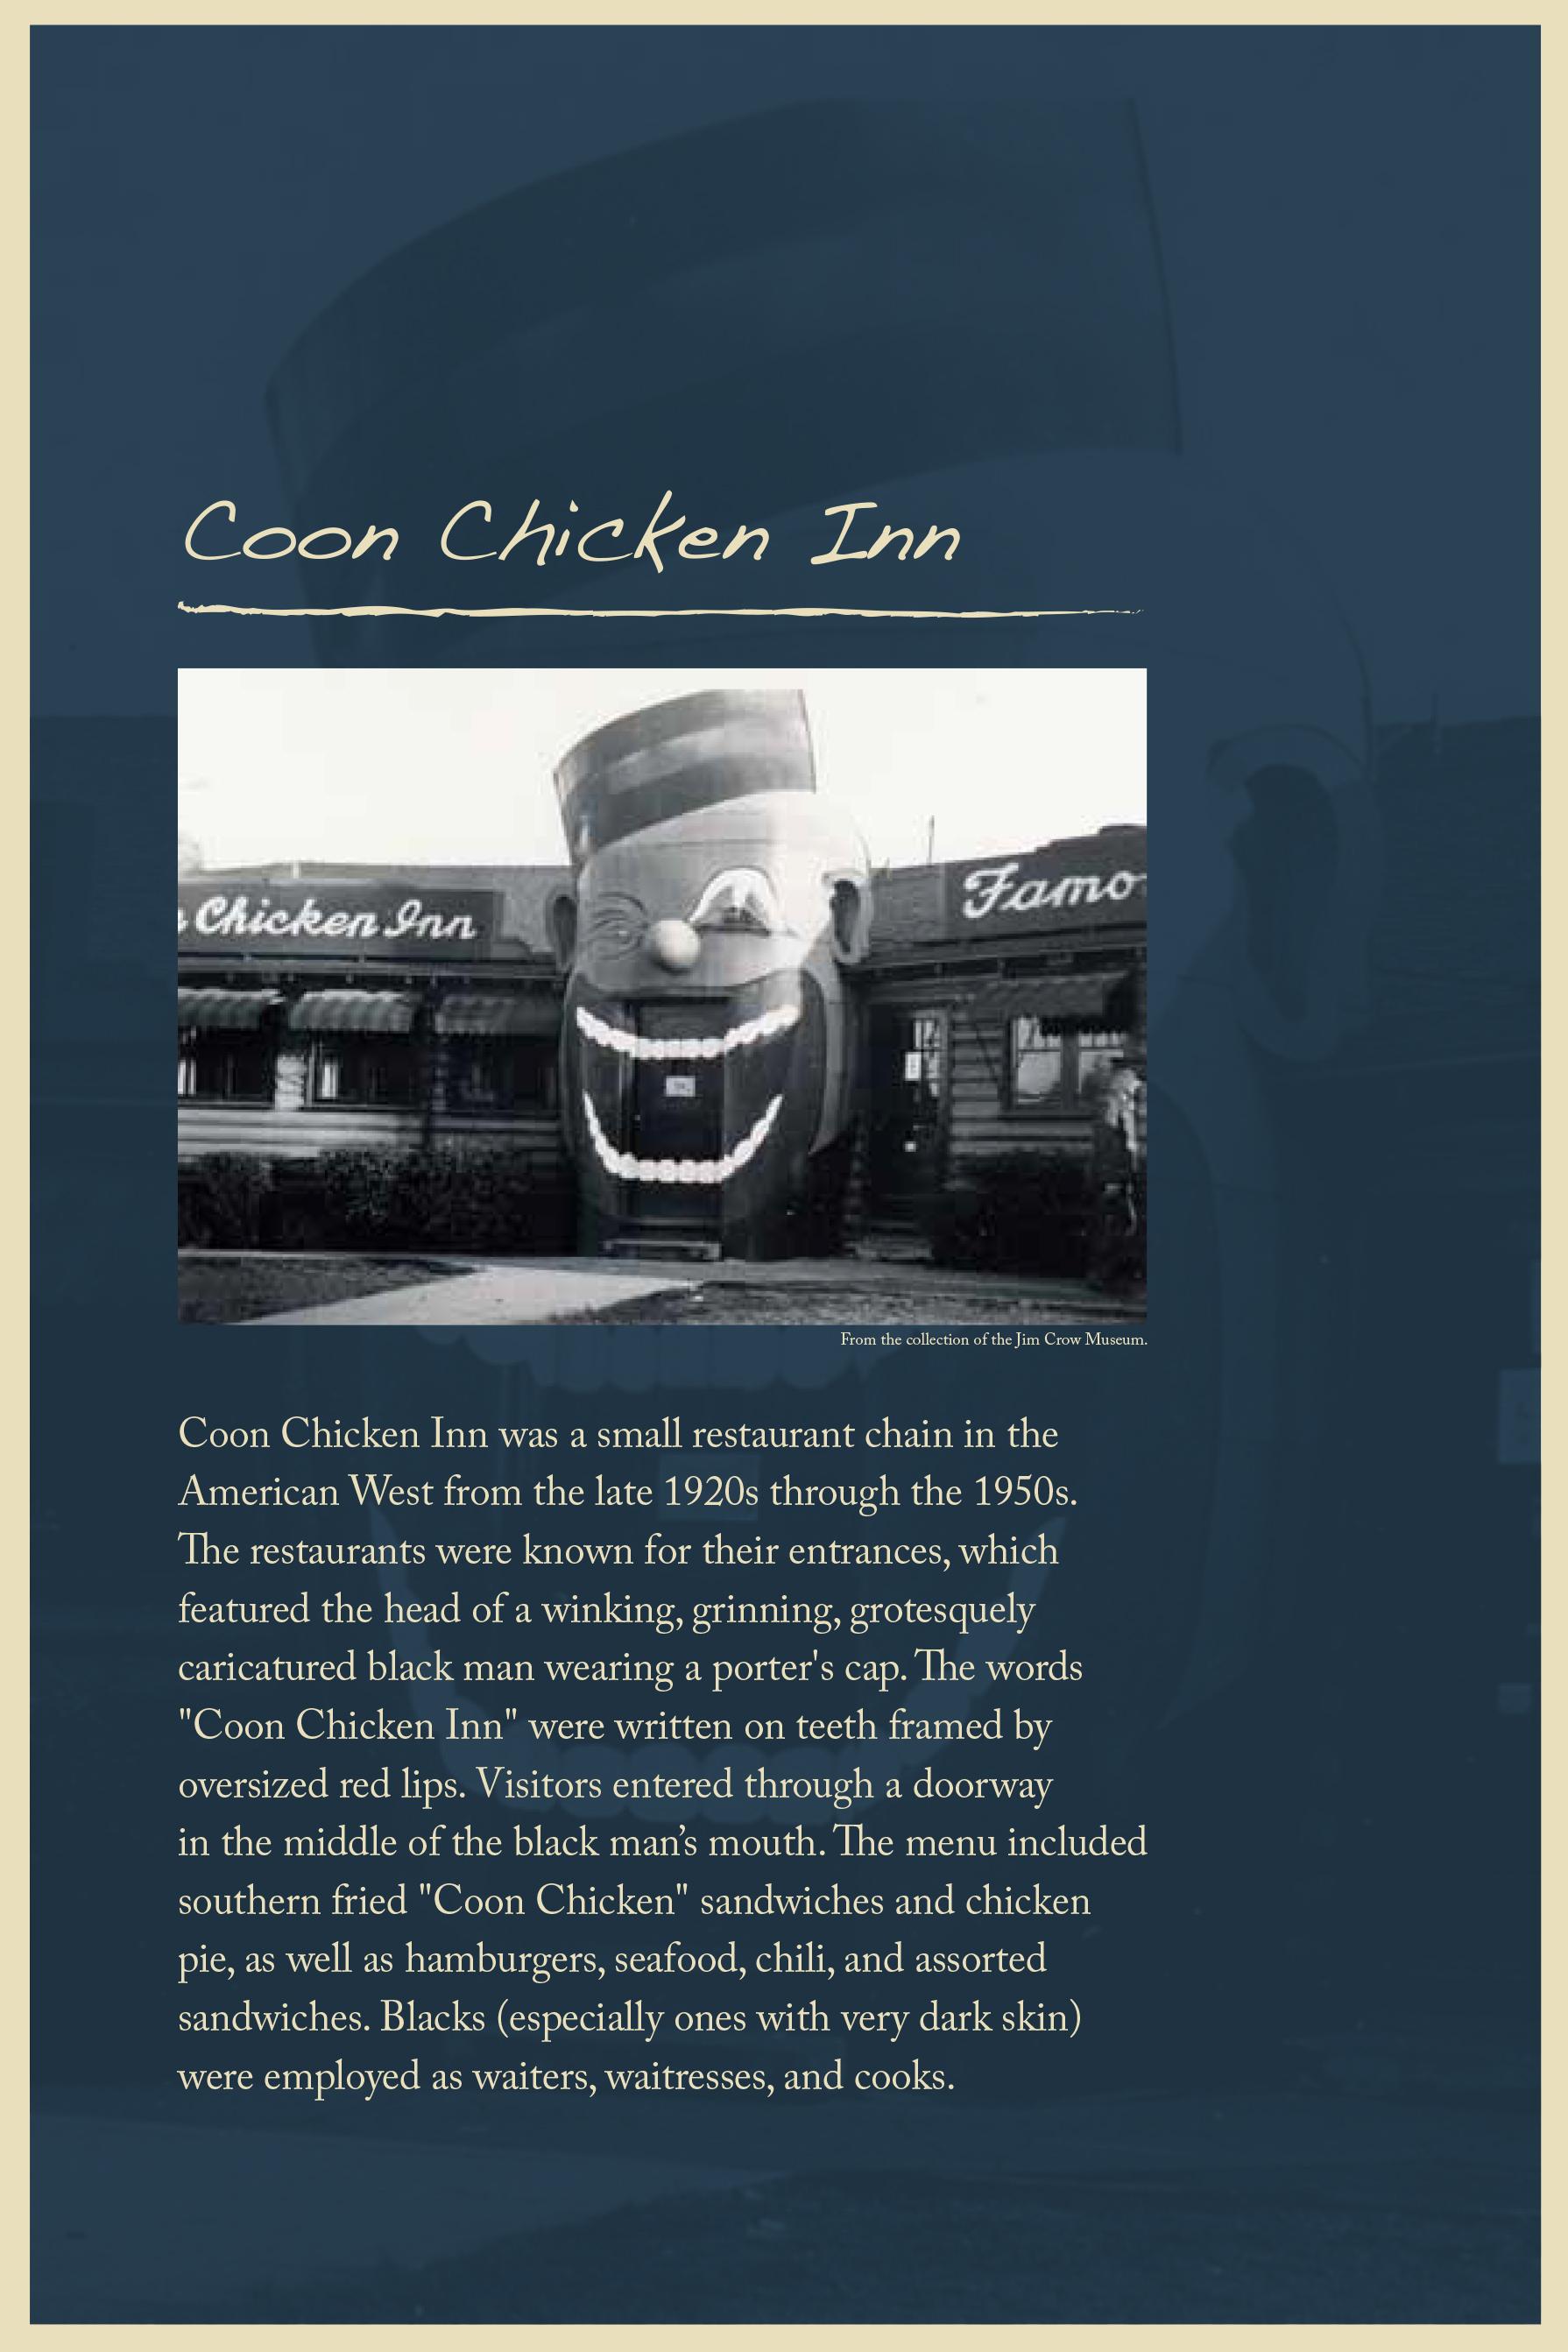 Coon Chicken Inn.jpg